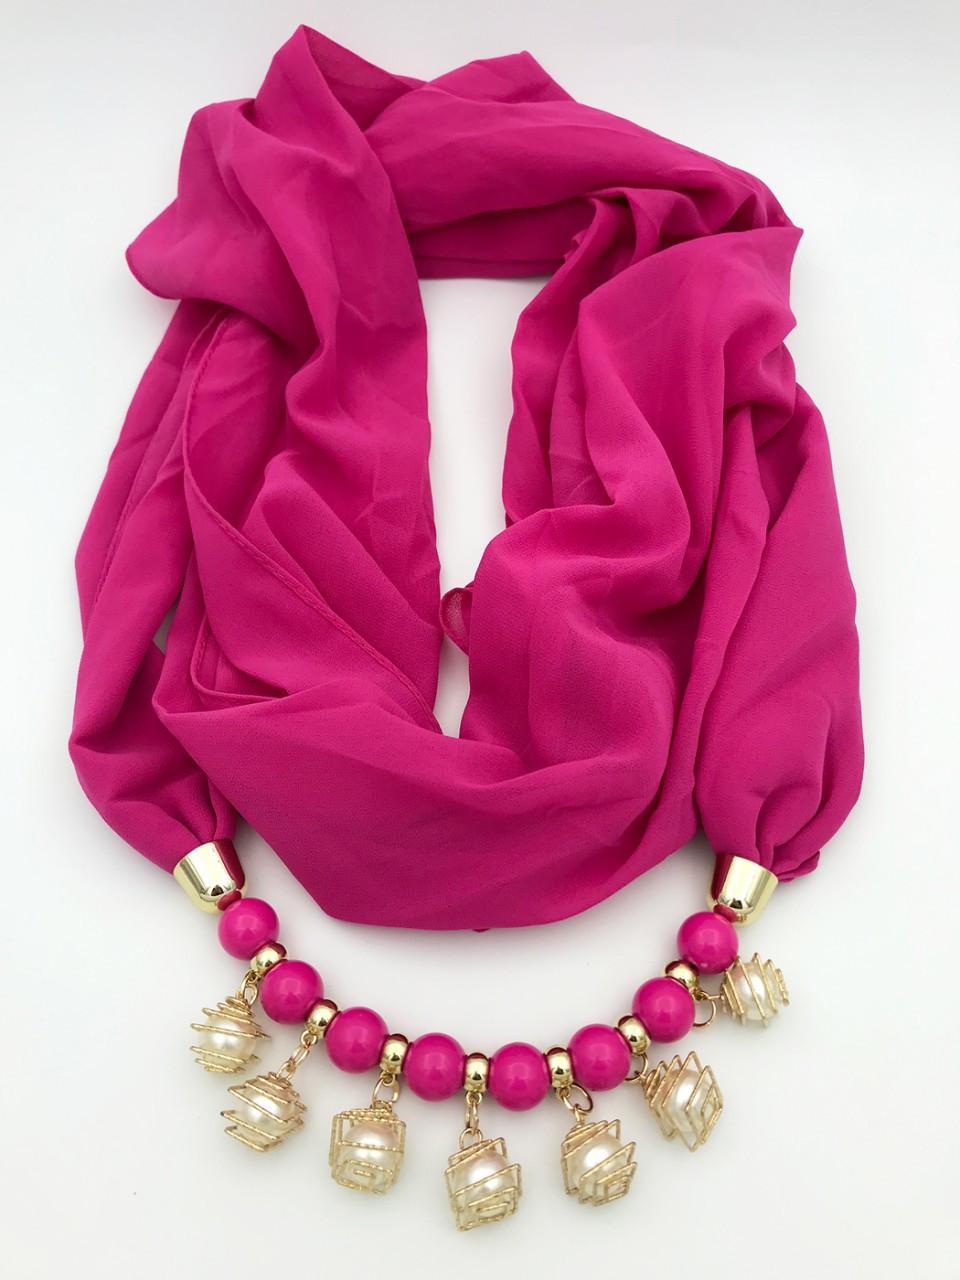 Шарф-платок женский Runmeifa SW205 с декоративными украшениями малиновый